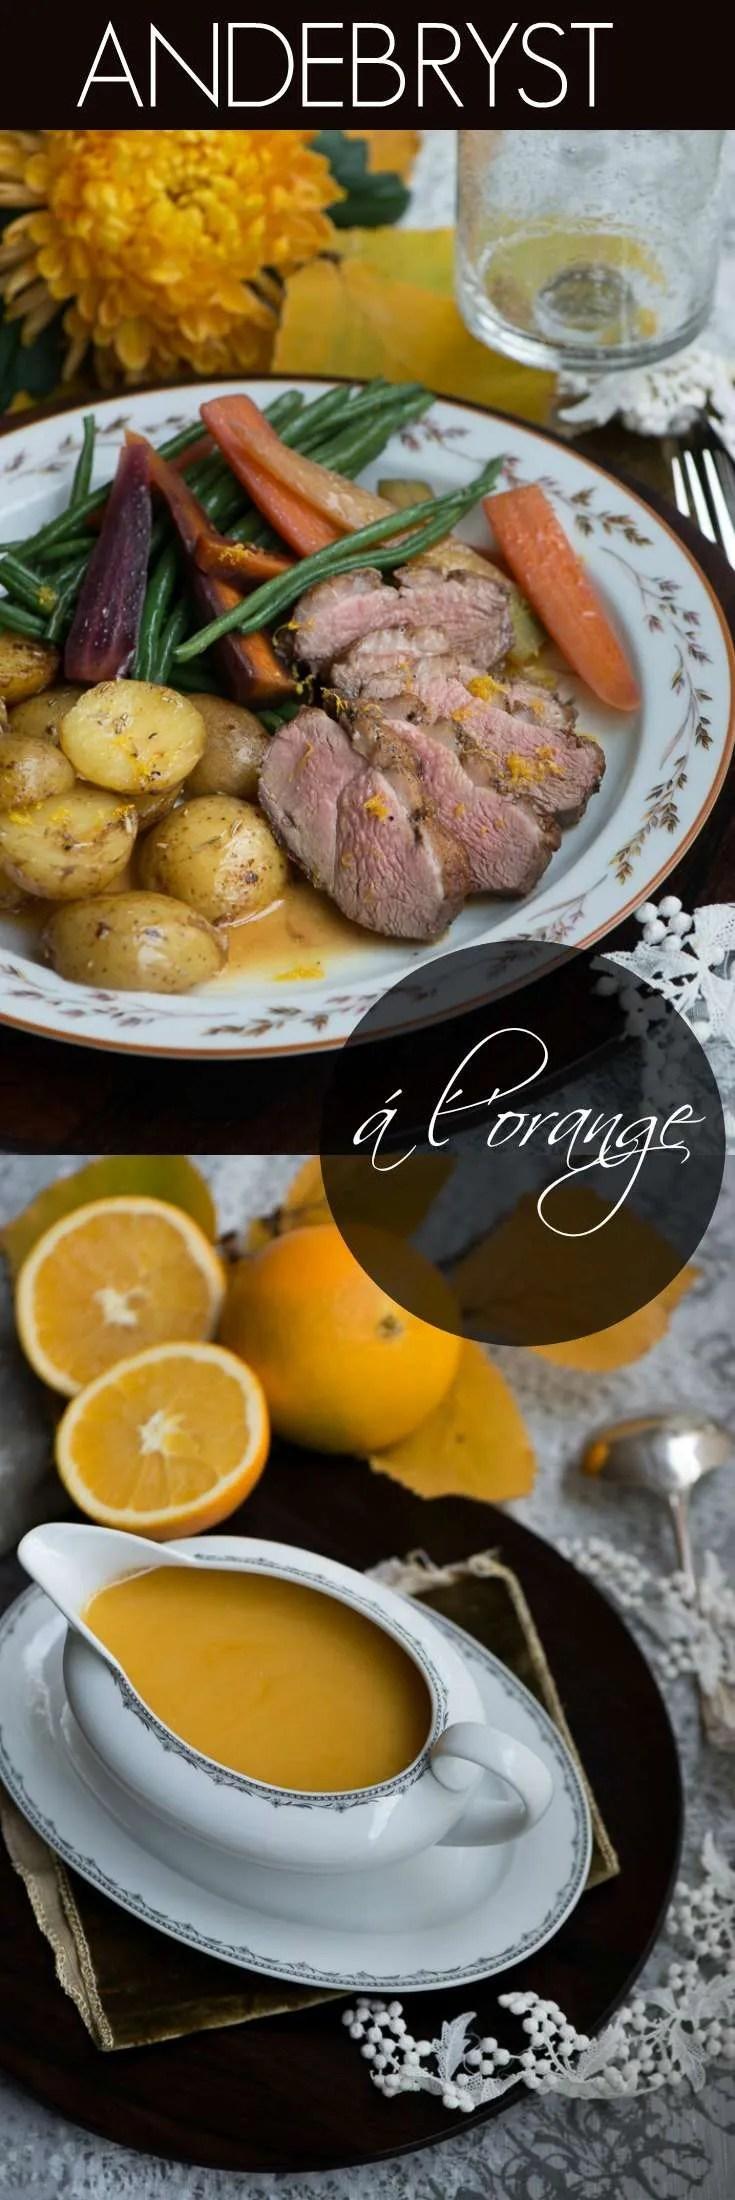 Andebryst med appelsinsauce er en nemmere udgave af den klassiske and á l'orange. Perfekt til gæstemad når der ikke er tid til at lave klassikeren. Opskrift fra Marinas Mad.